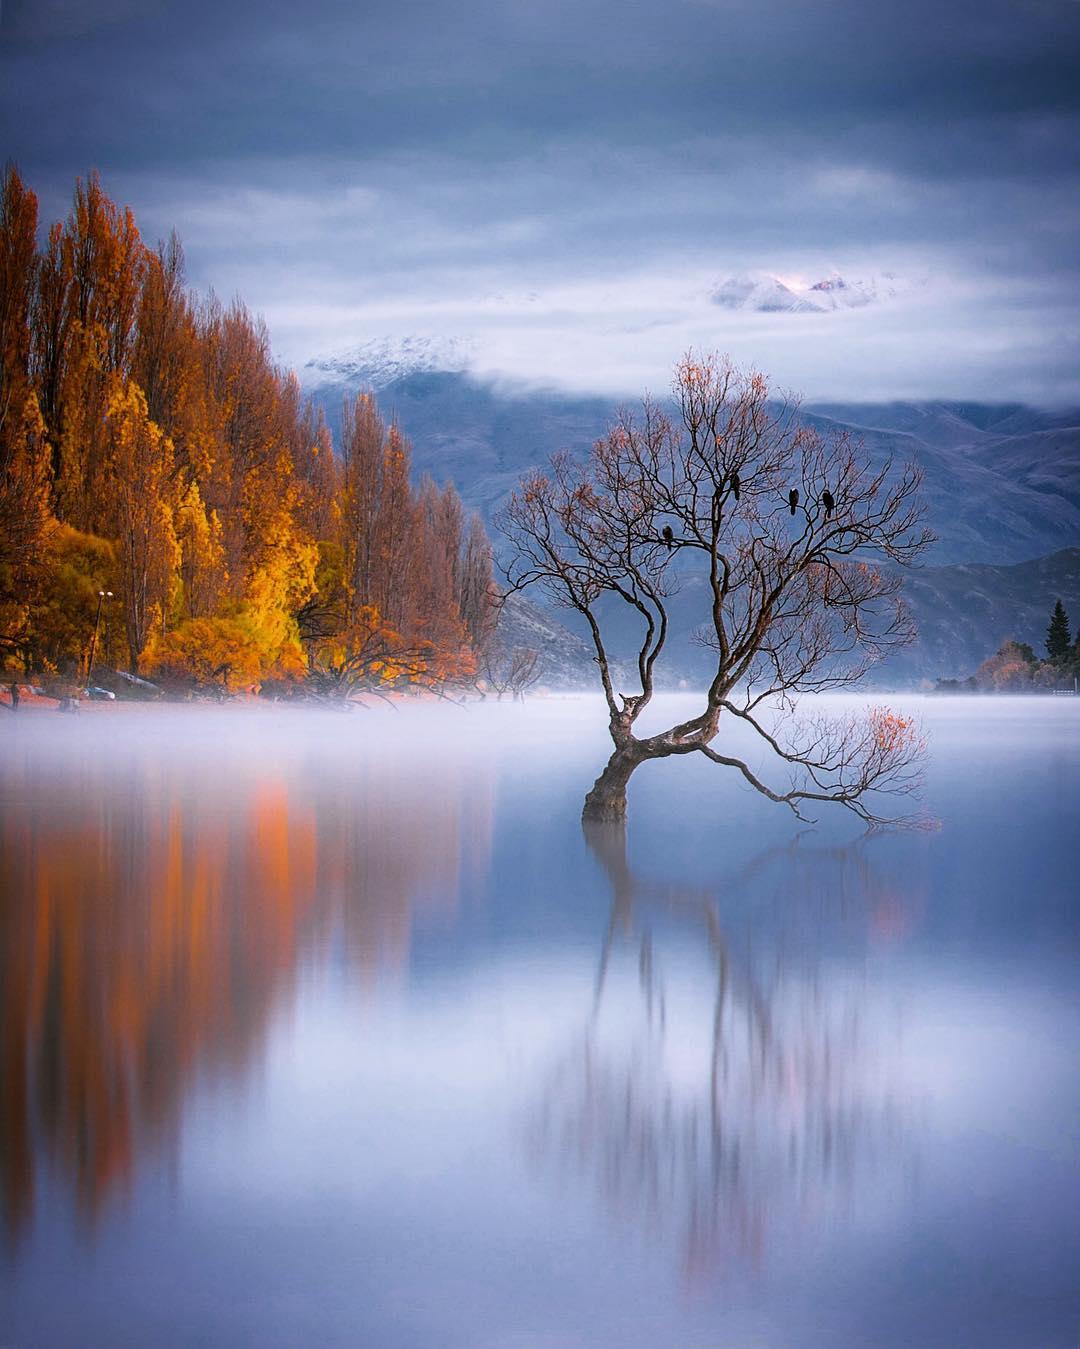 Захватывающие природные фотографии Рейчел Стюарт